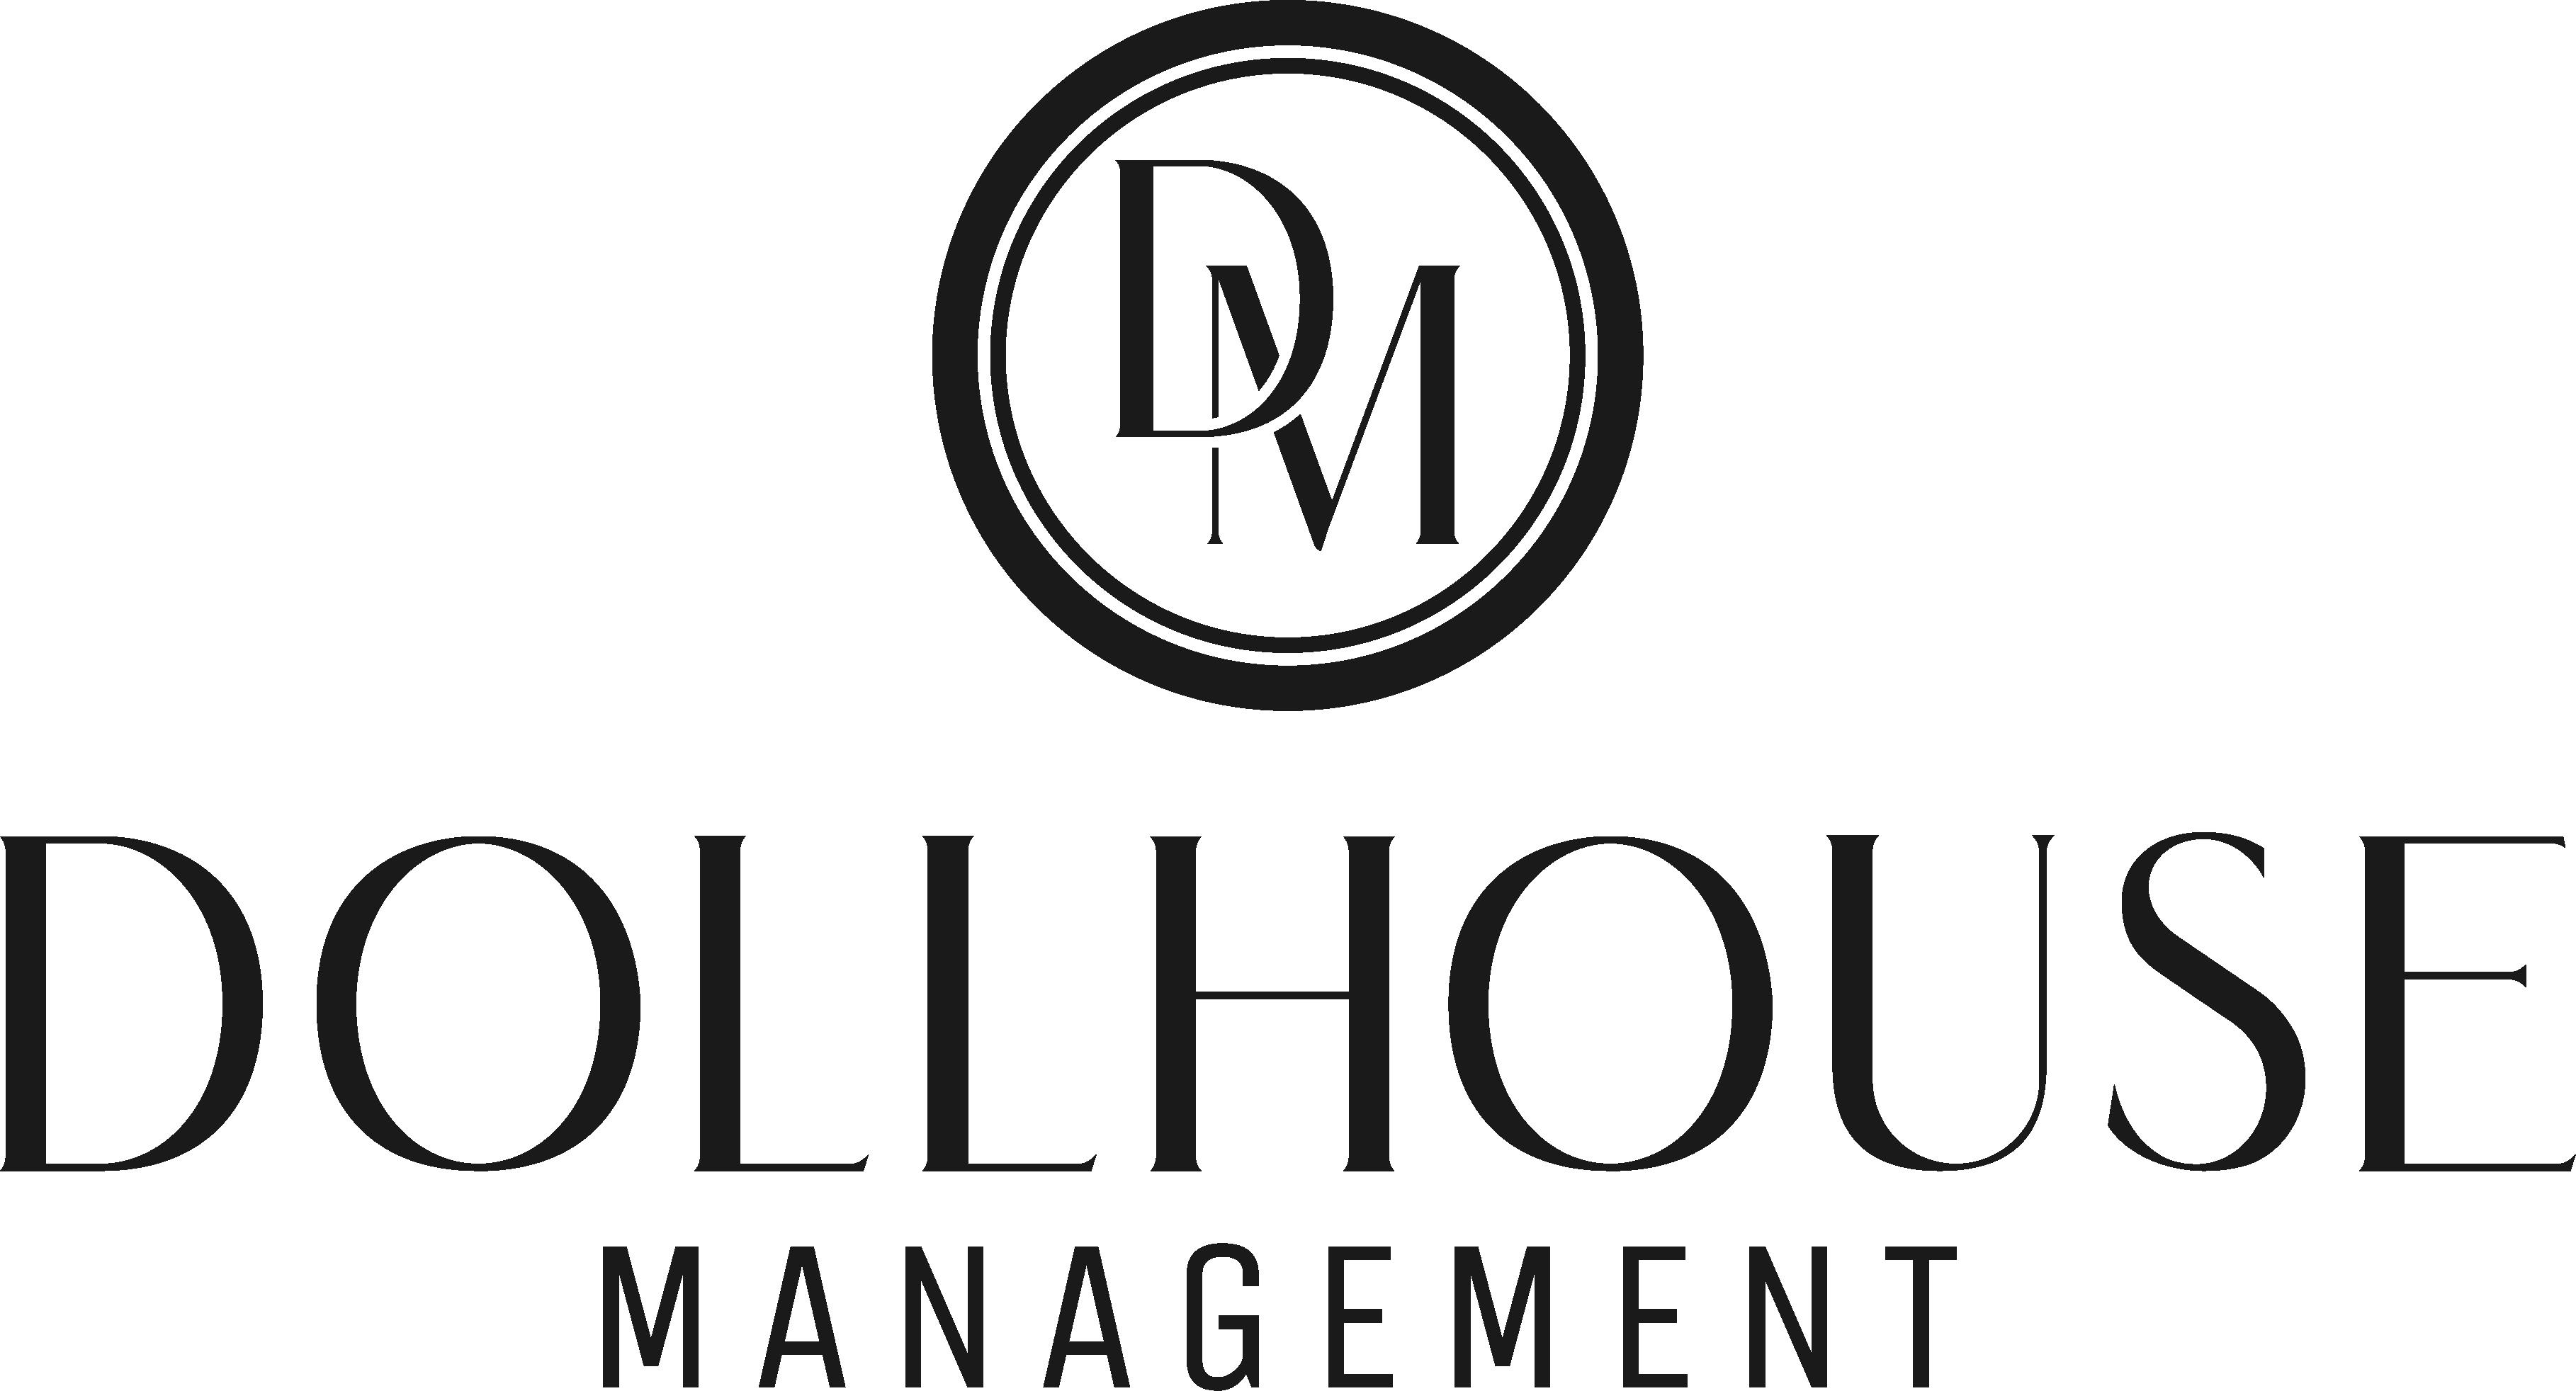 Dollhouse Management